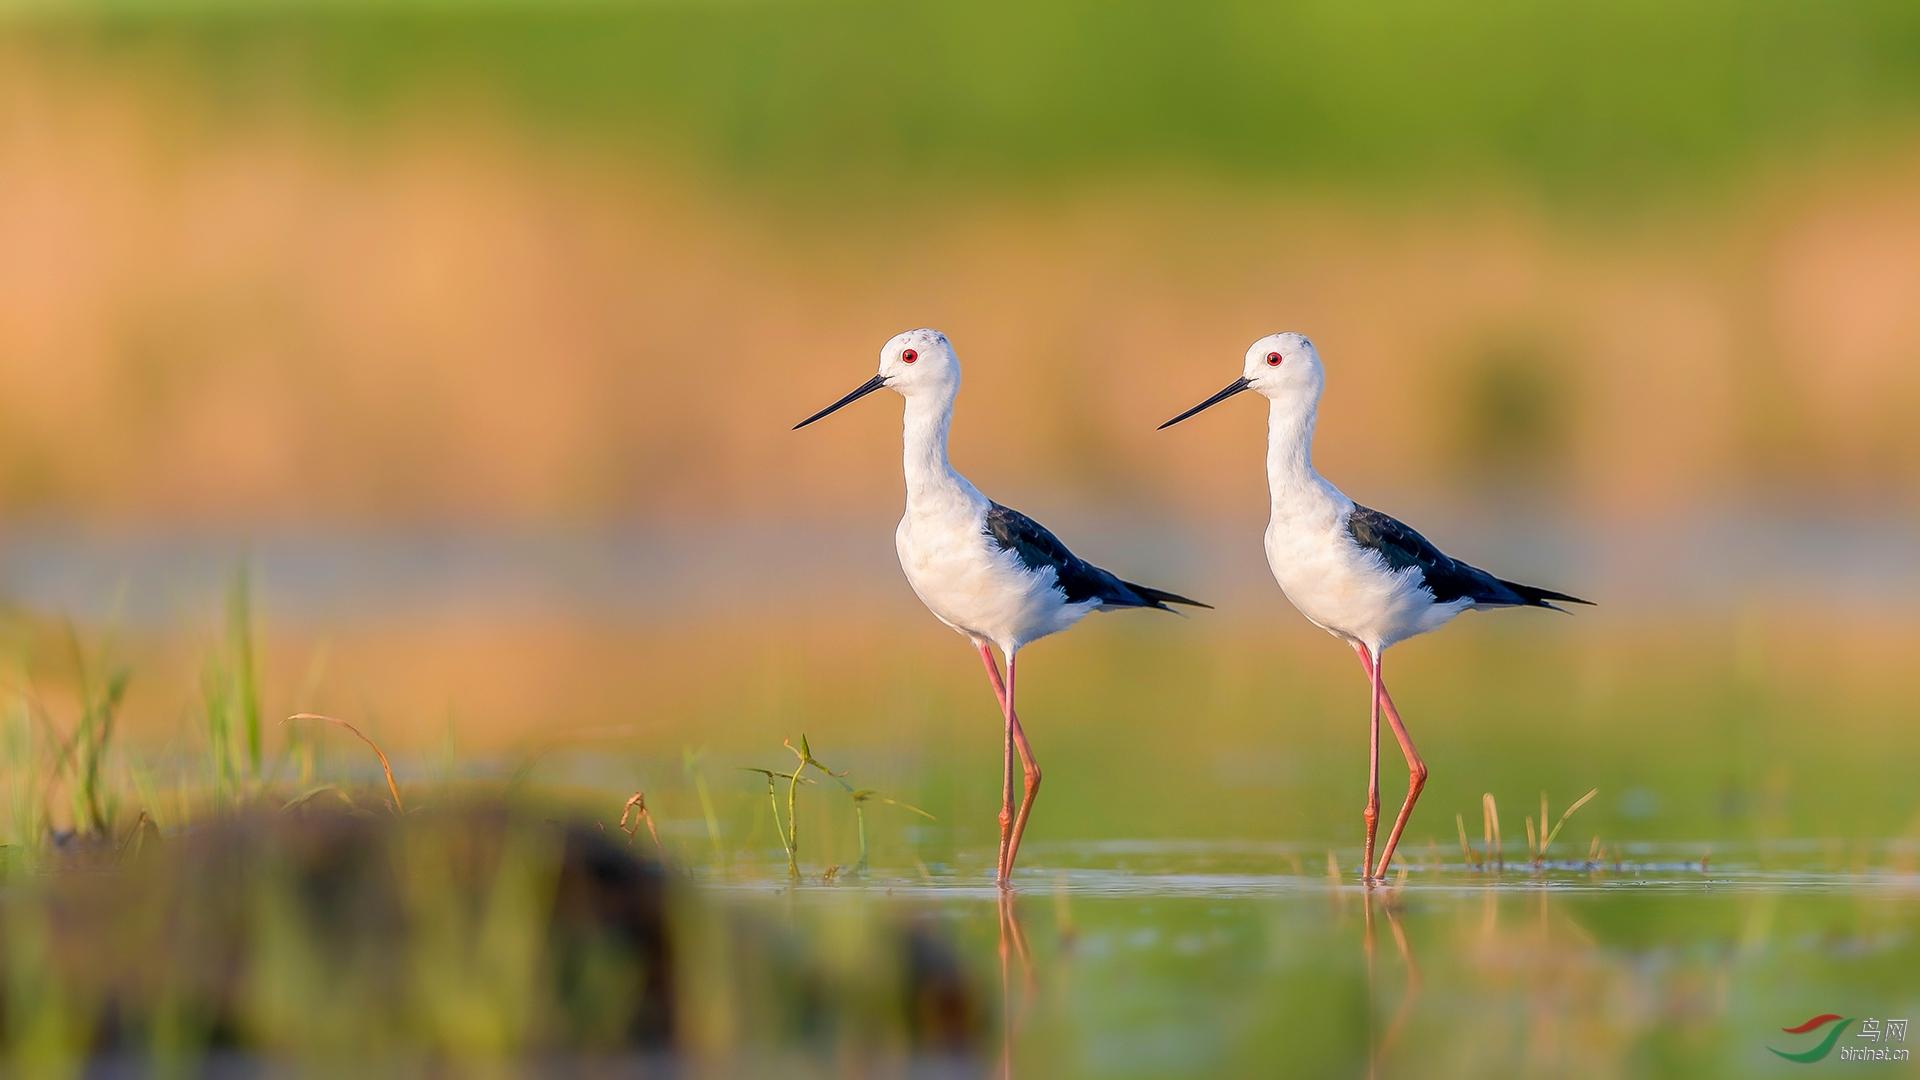 18,亭亭鹬立  金广山拍摄于西湖湿地